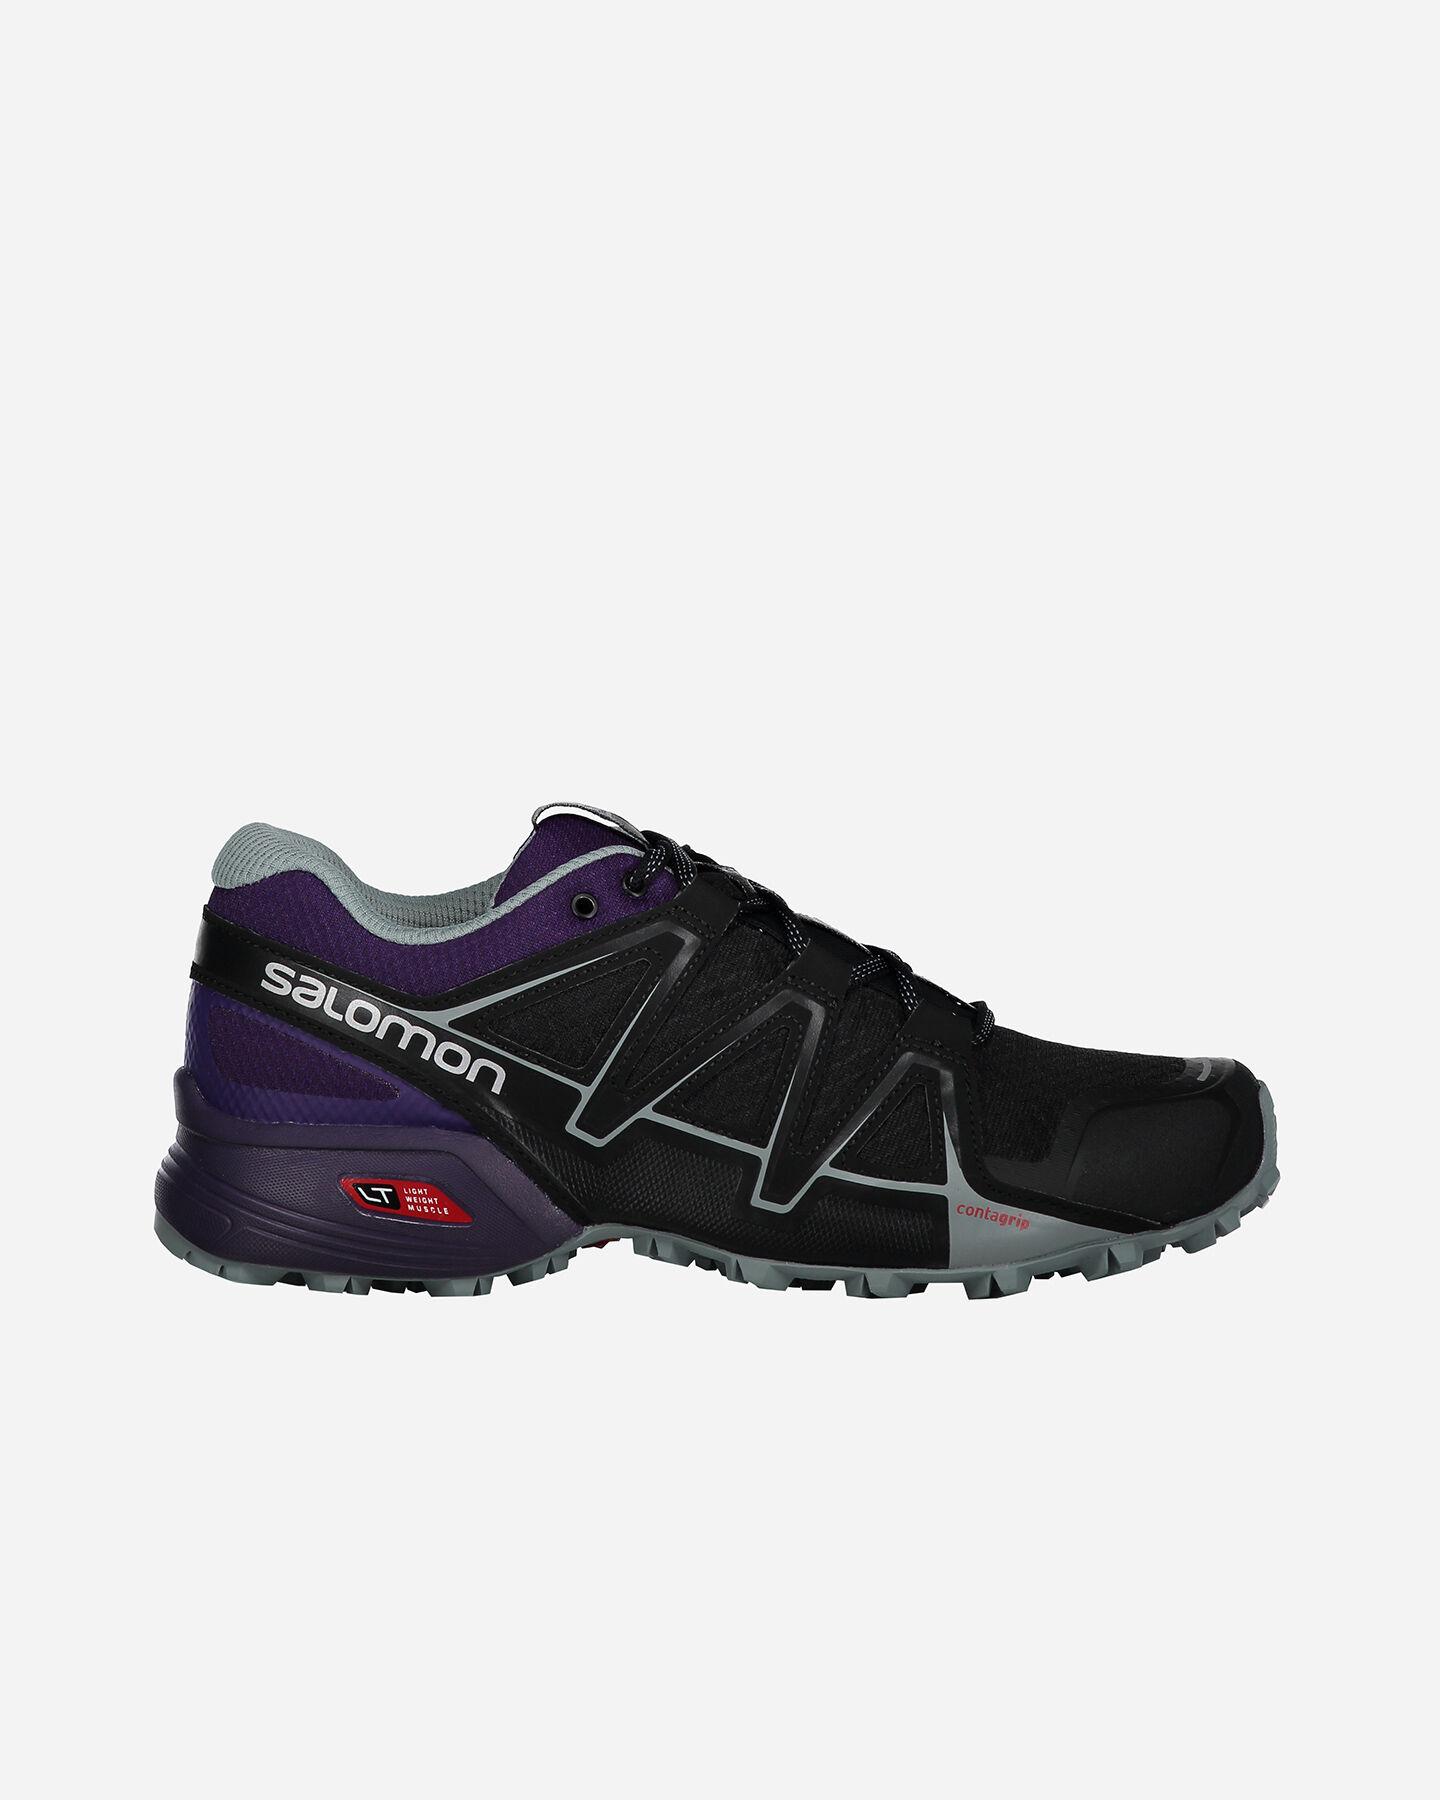 scarpe montagna uomo adidas